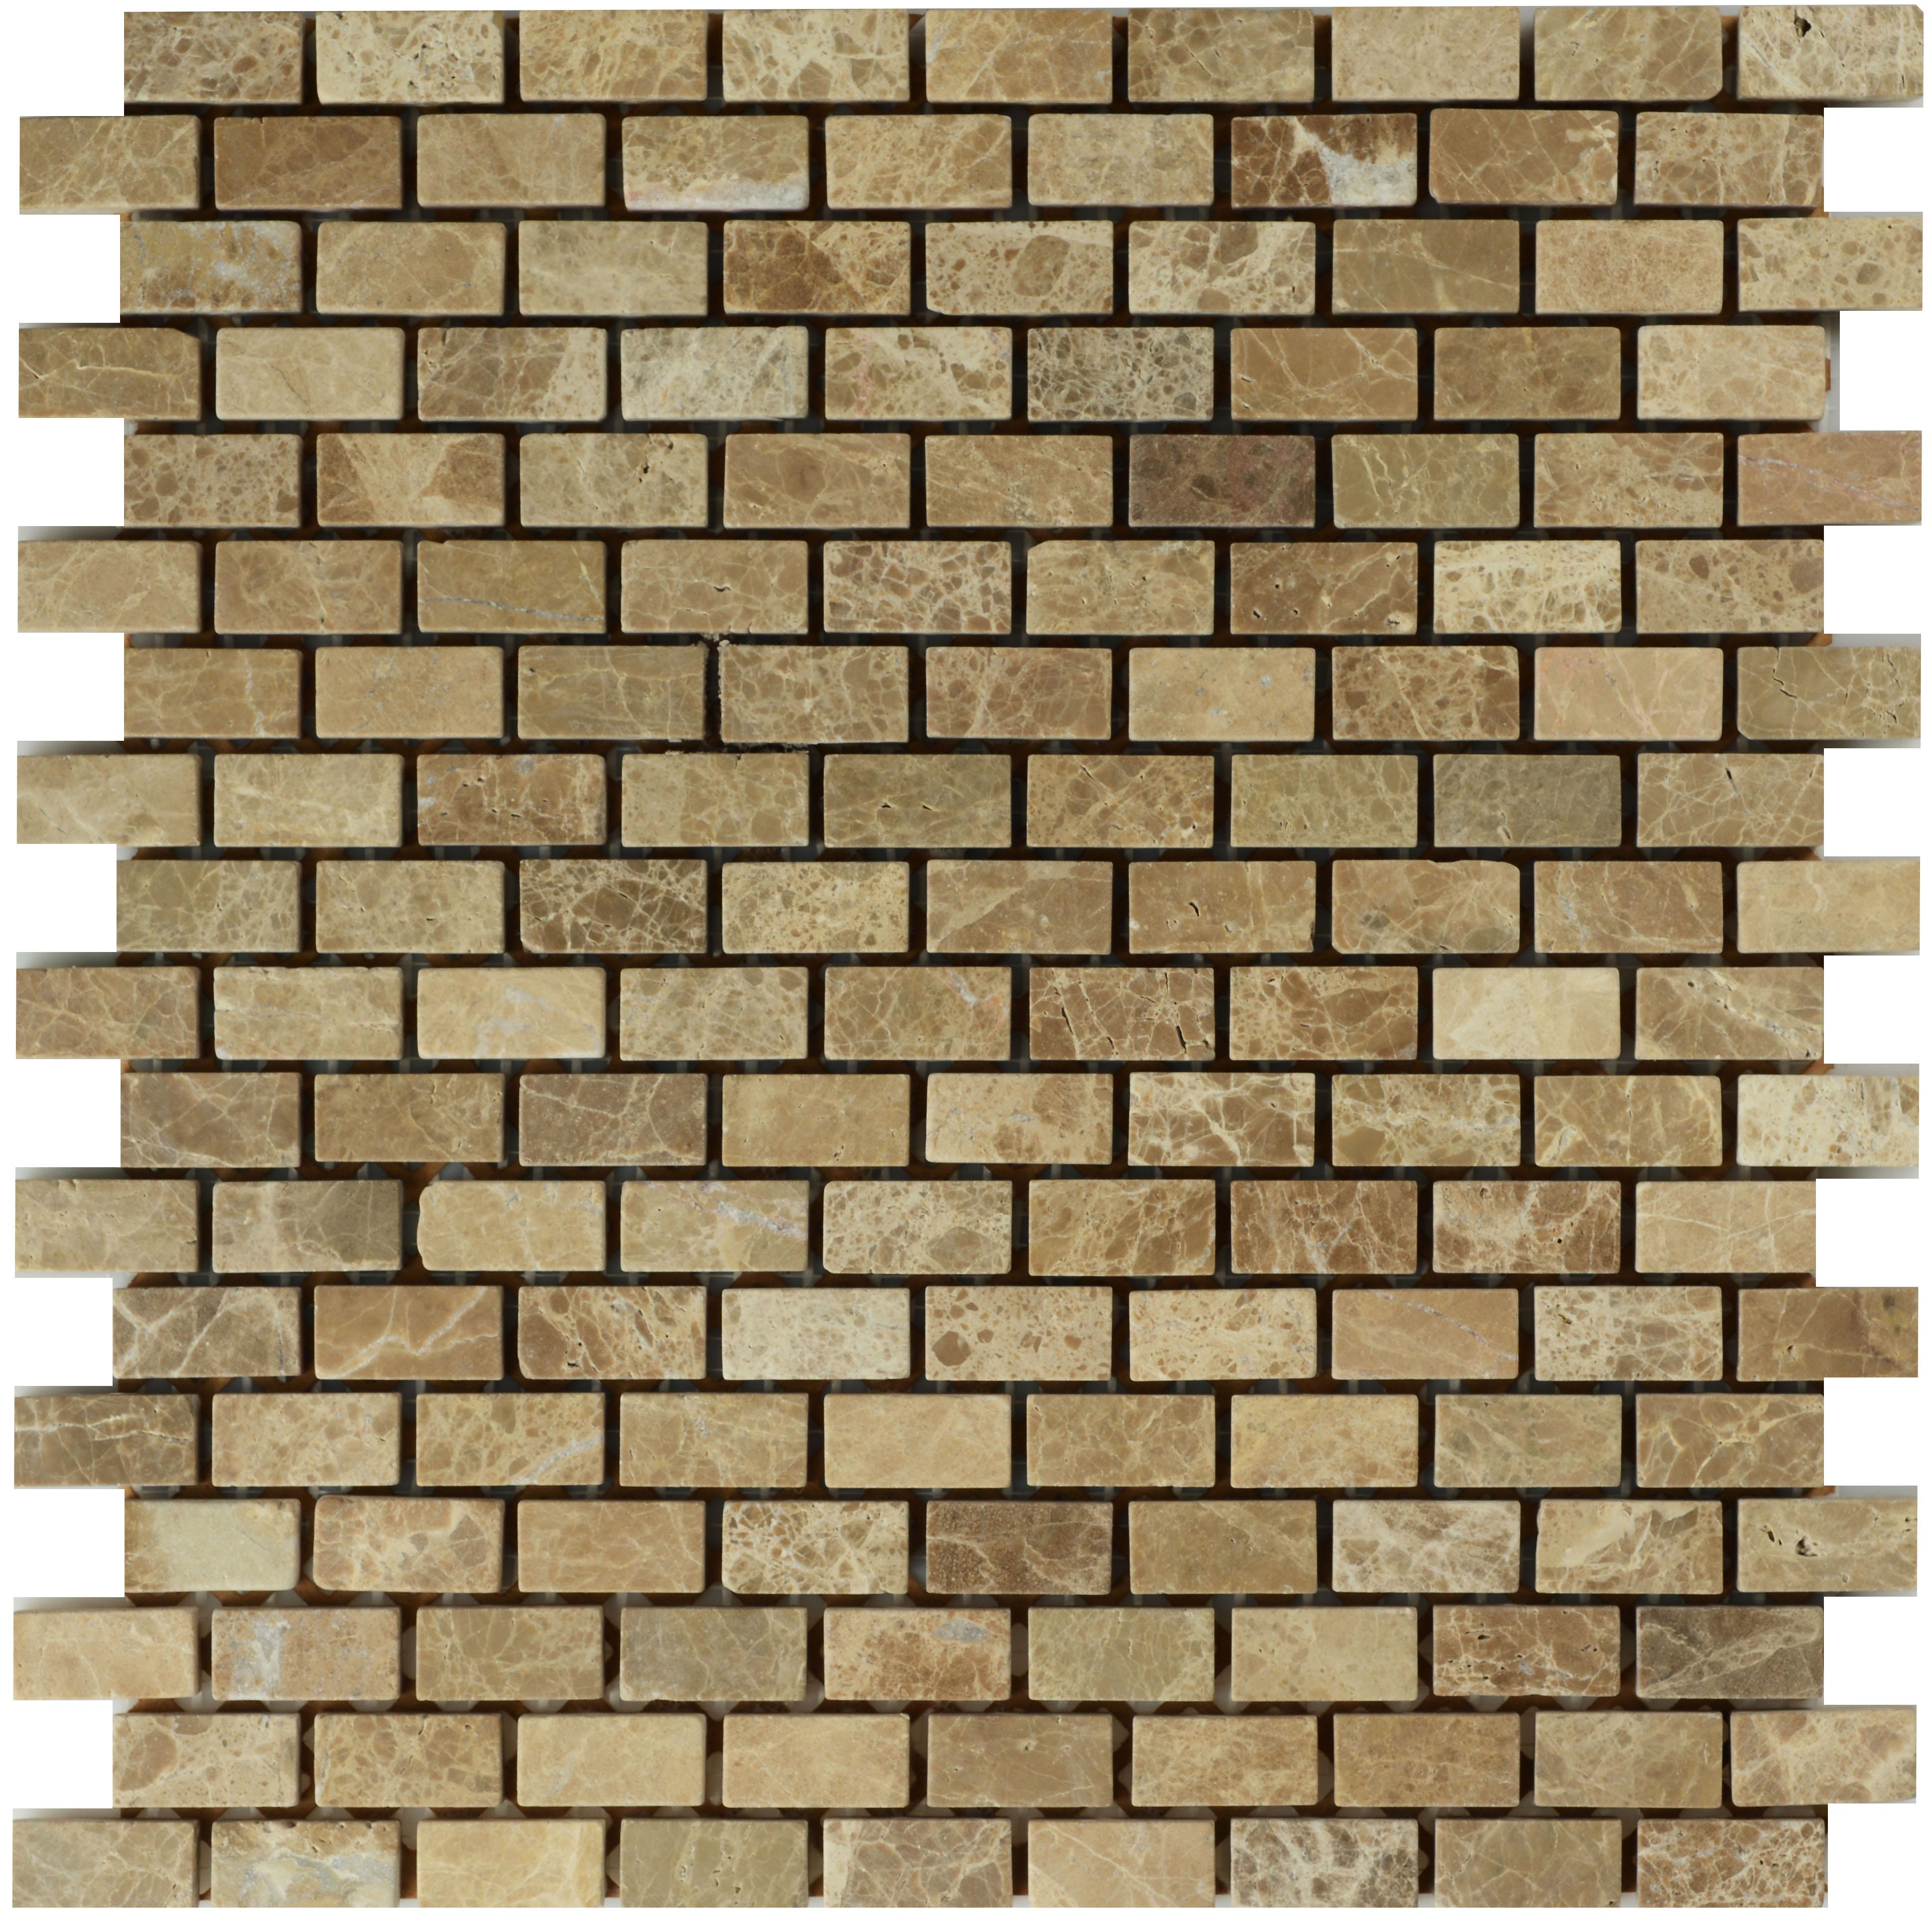 Мозаика MN172SMBS Primacolore 15х30/300х300 - 1.35 мозаика primacolore marmo mn174slc 4 8x4 8 30x30